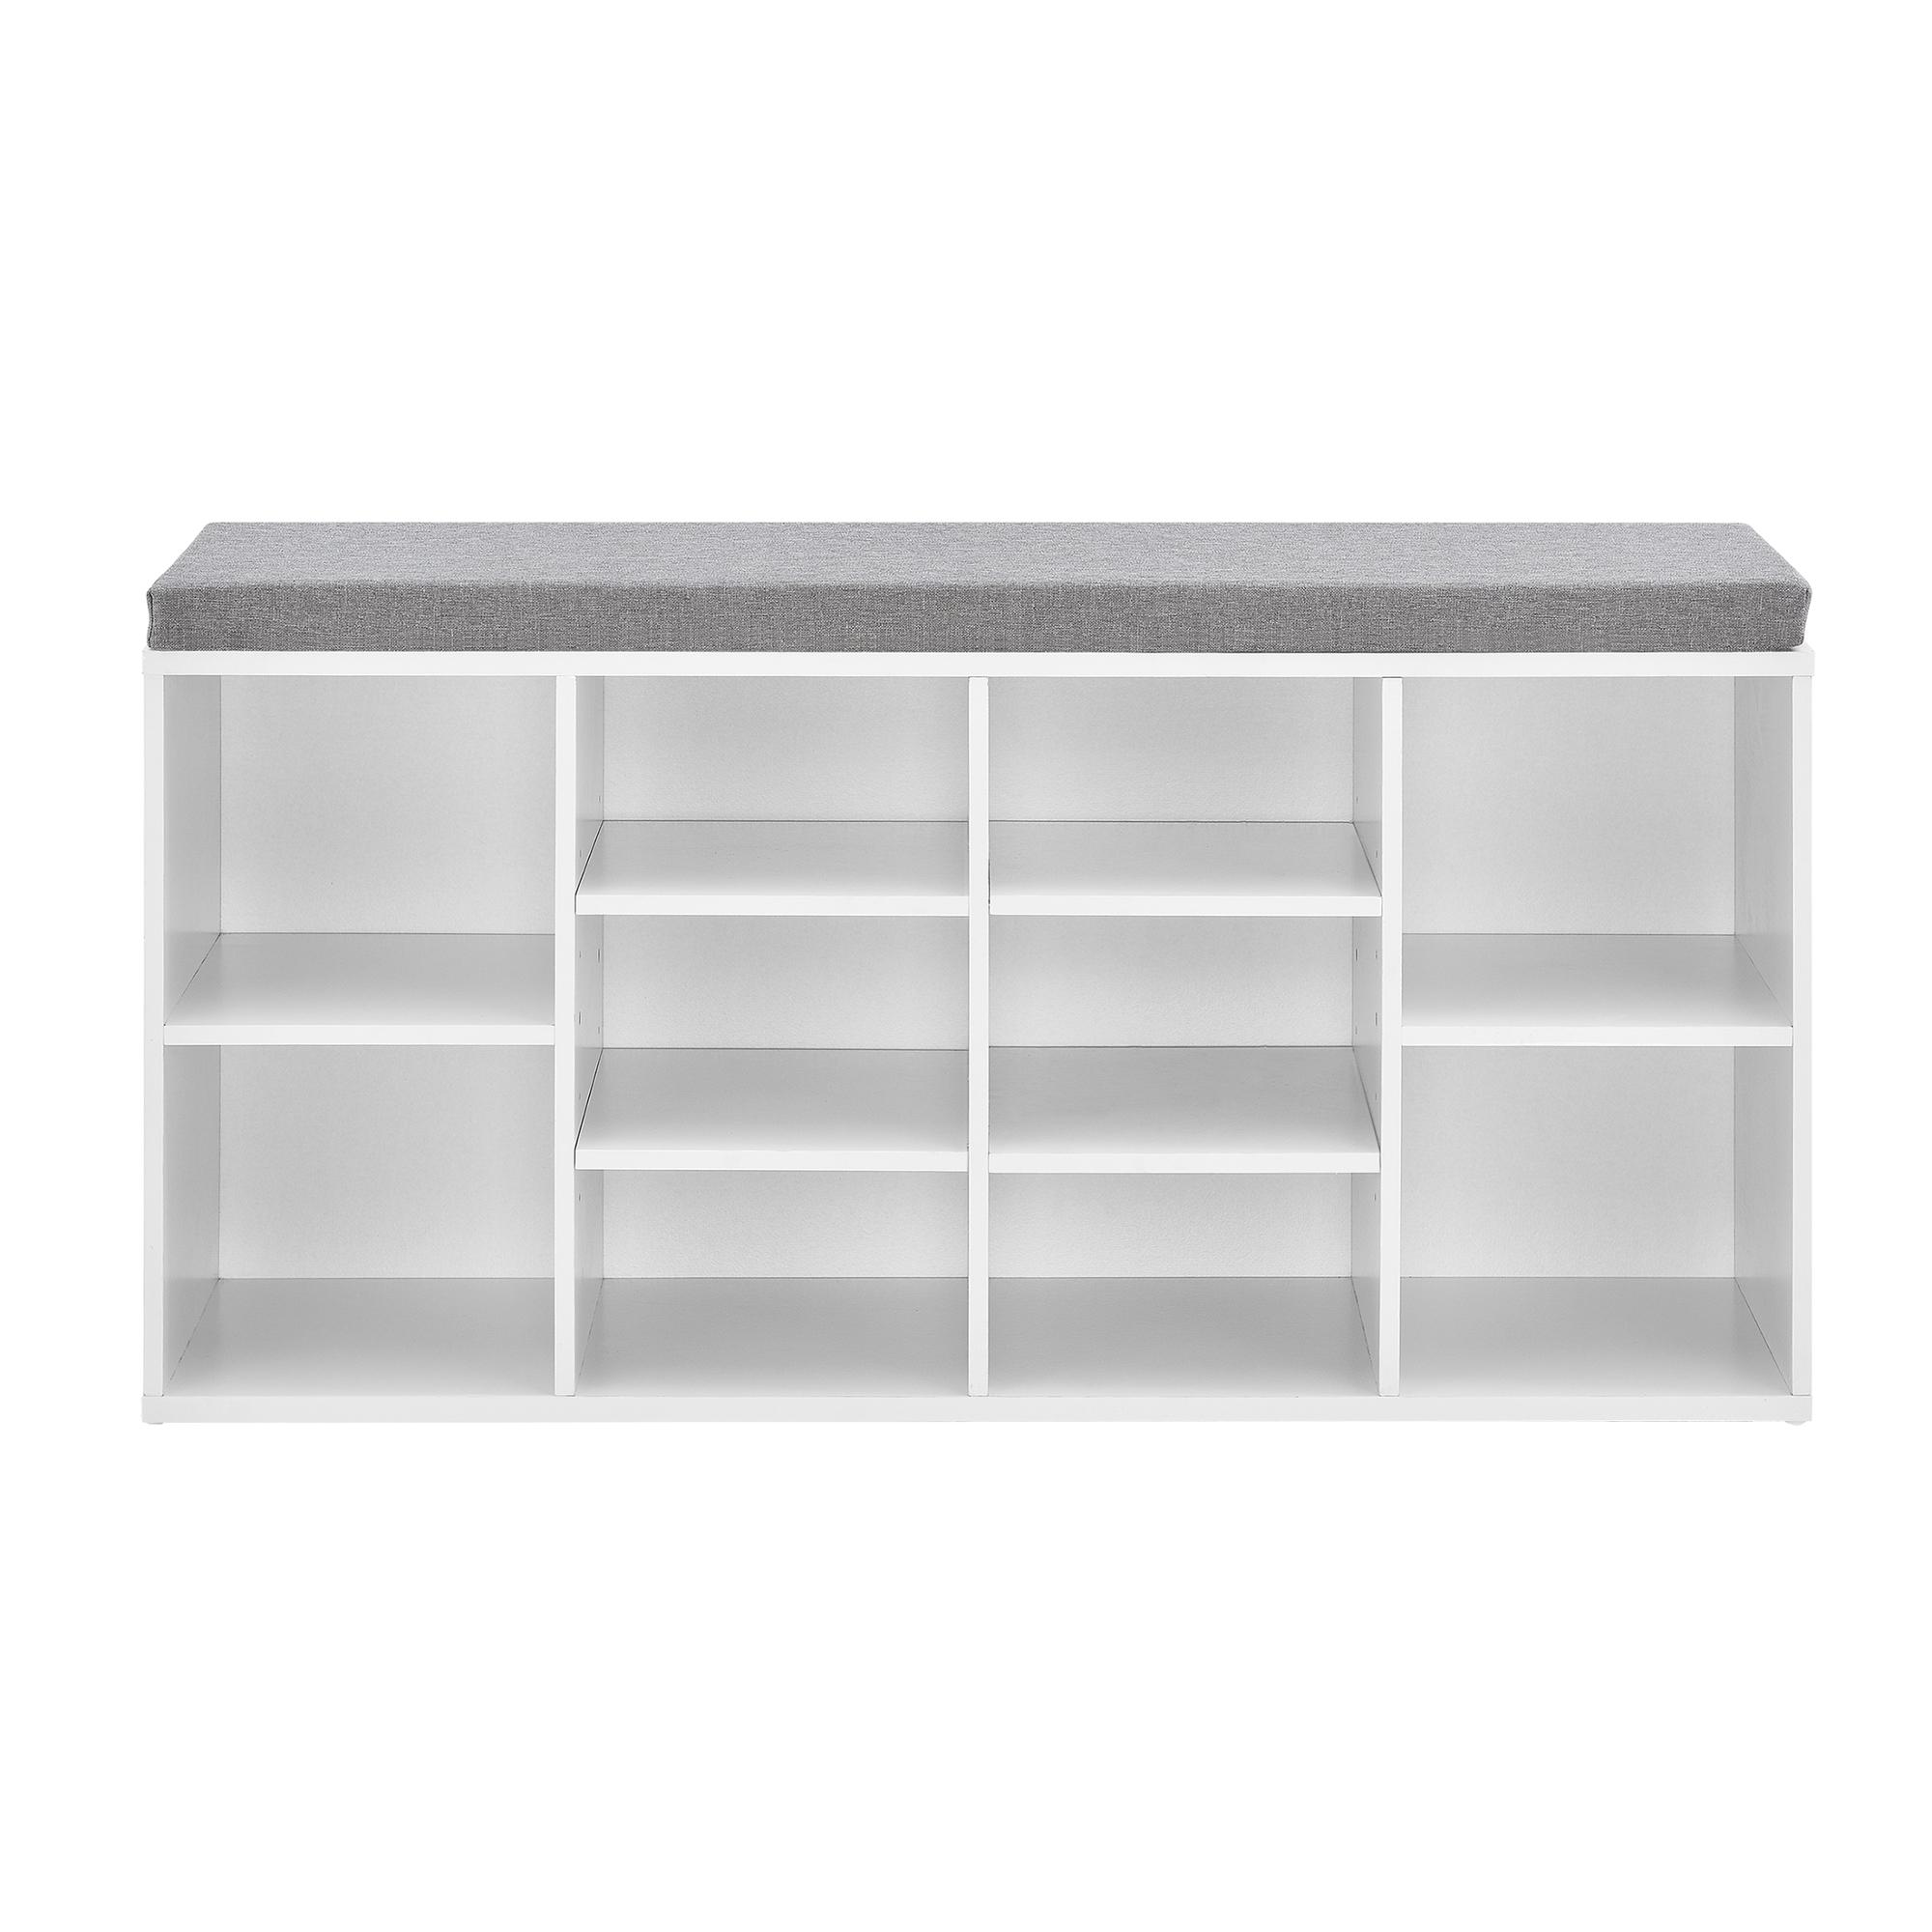 schuhregal schuhablage schrank schuhaufbewahrung schuhbank kommode ebay. Black Bedroom Furniture Sets. Home Design Ideas